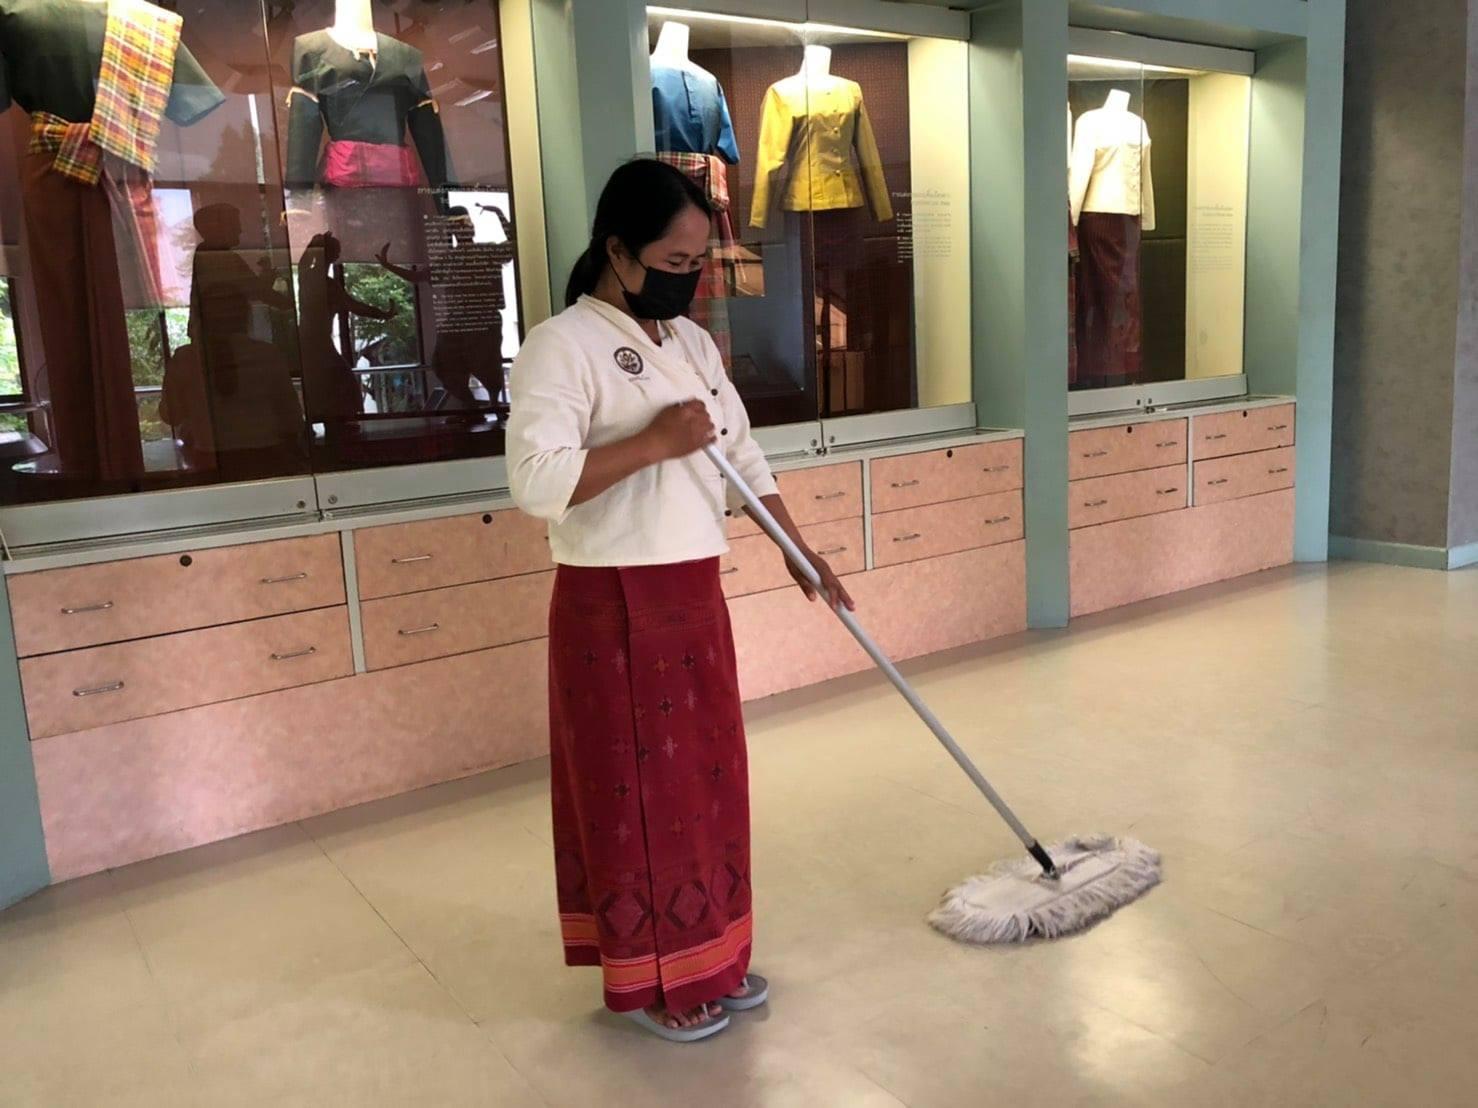 กิจกรรม   Cleaning Day   ประจำวันศุกร์ที่ ๒๓ กรกฎาคม พ.ศ. ๒๕๖๔